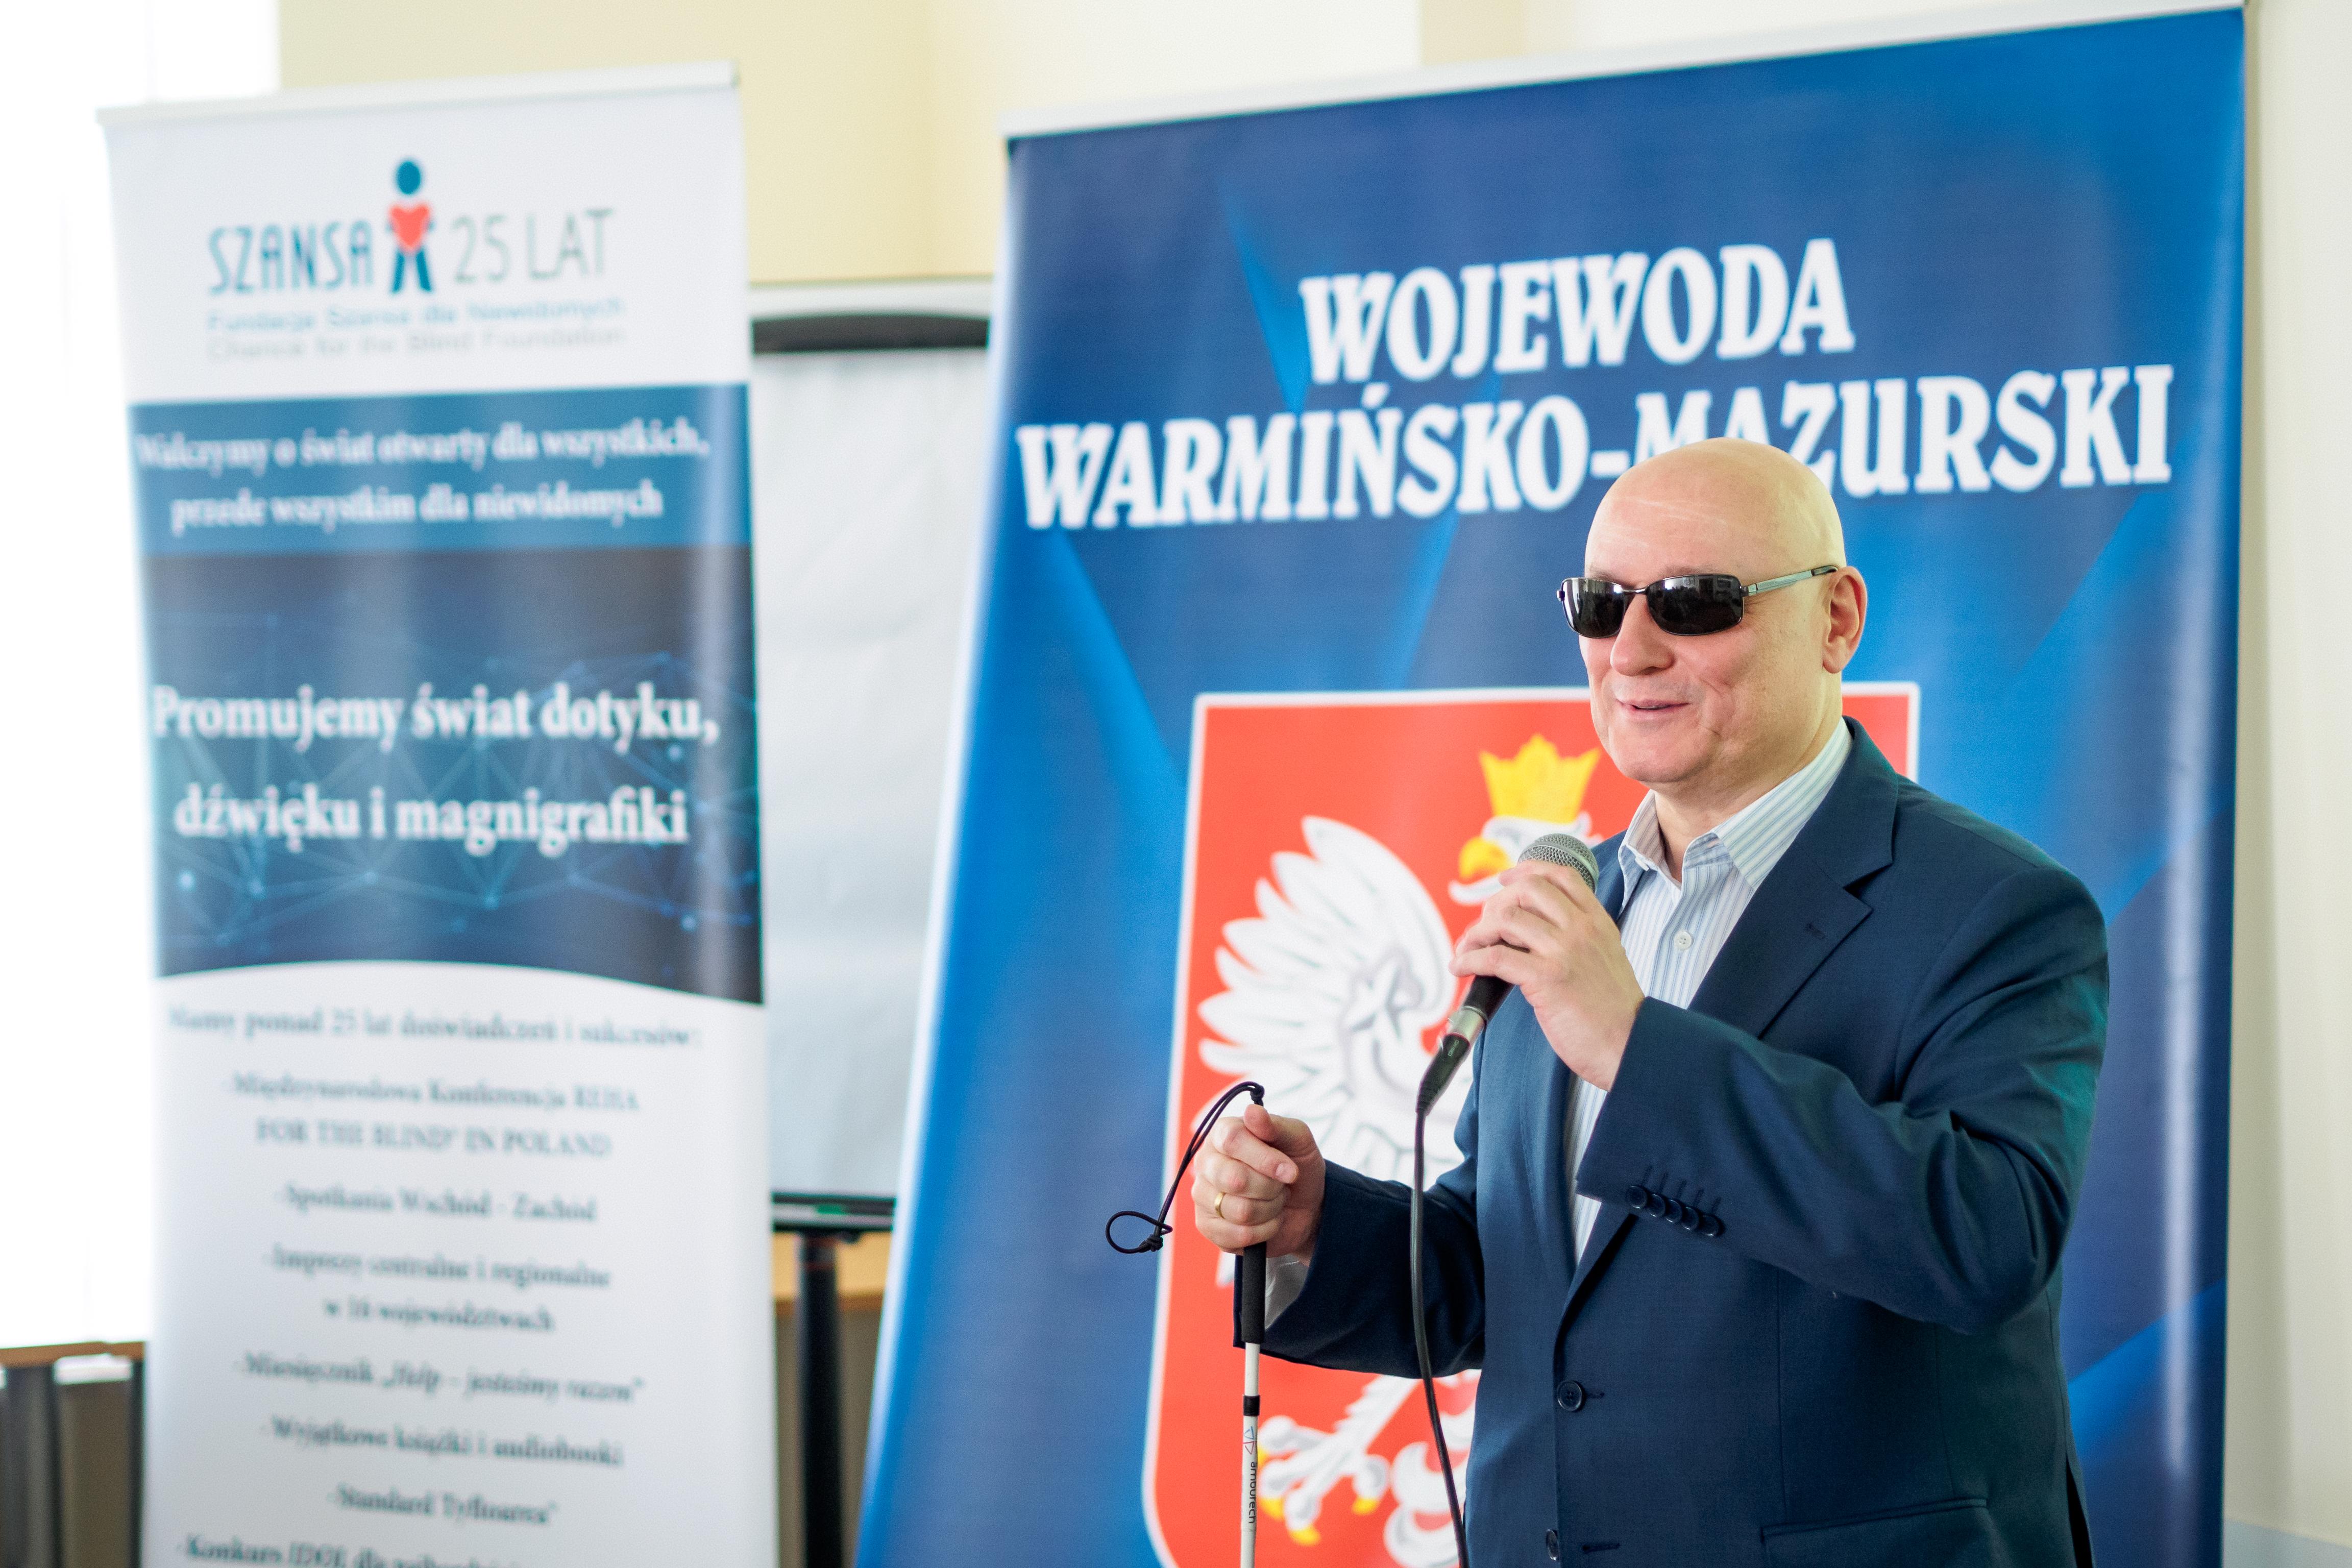 Pan Marek Kalbarczyk. W tle baner Konferencji REHA oraz Wojewody Warmińsko-Mazurskiego.